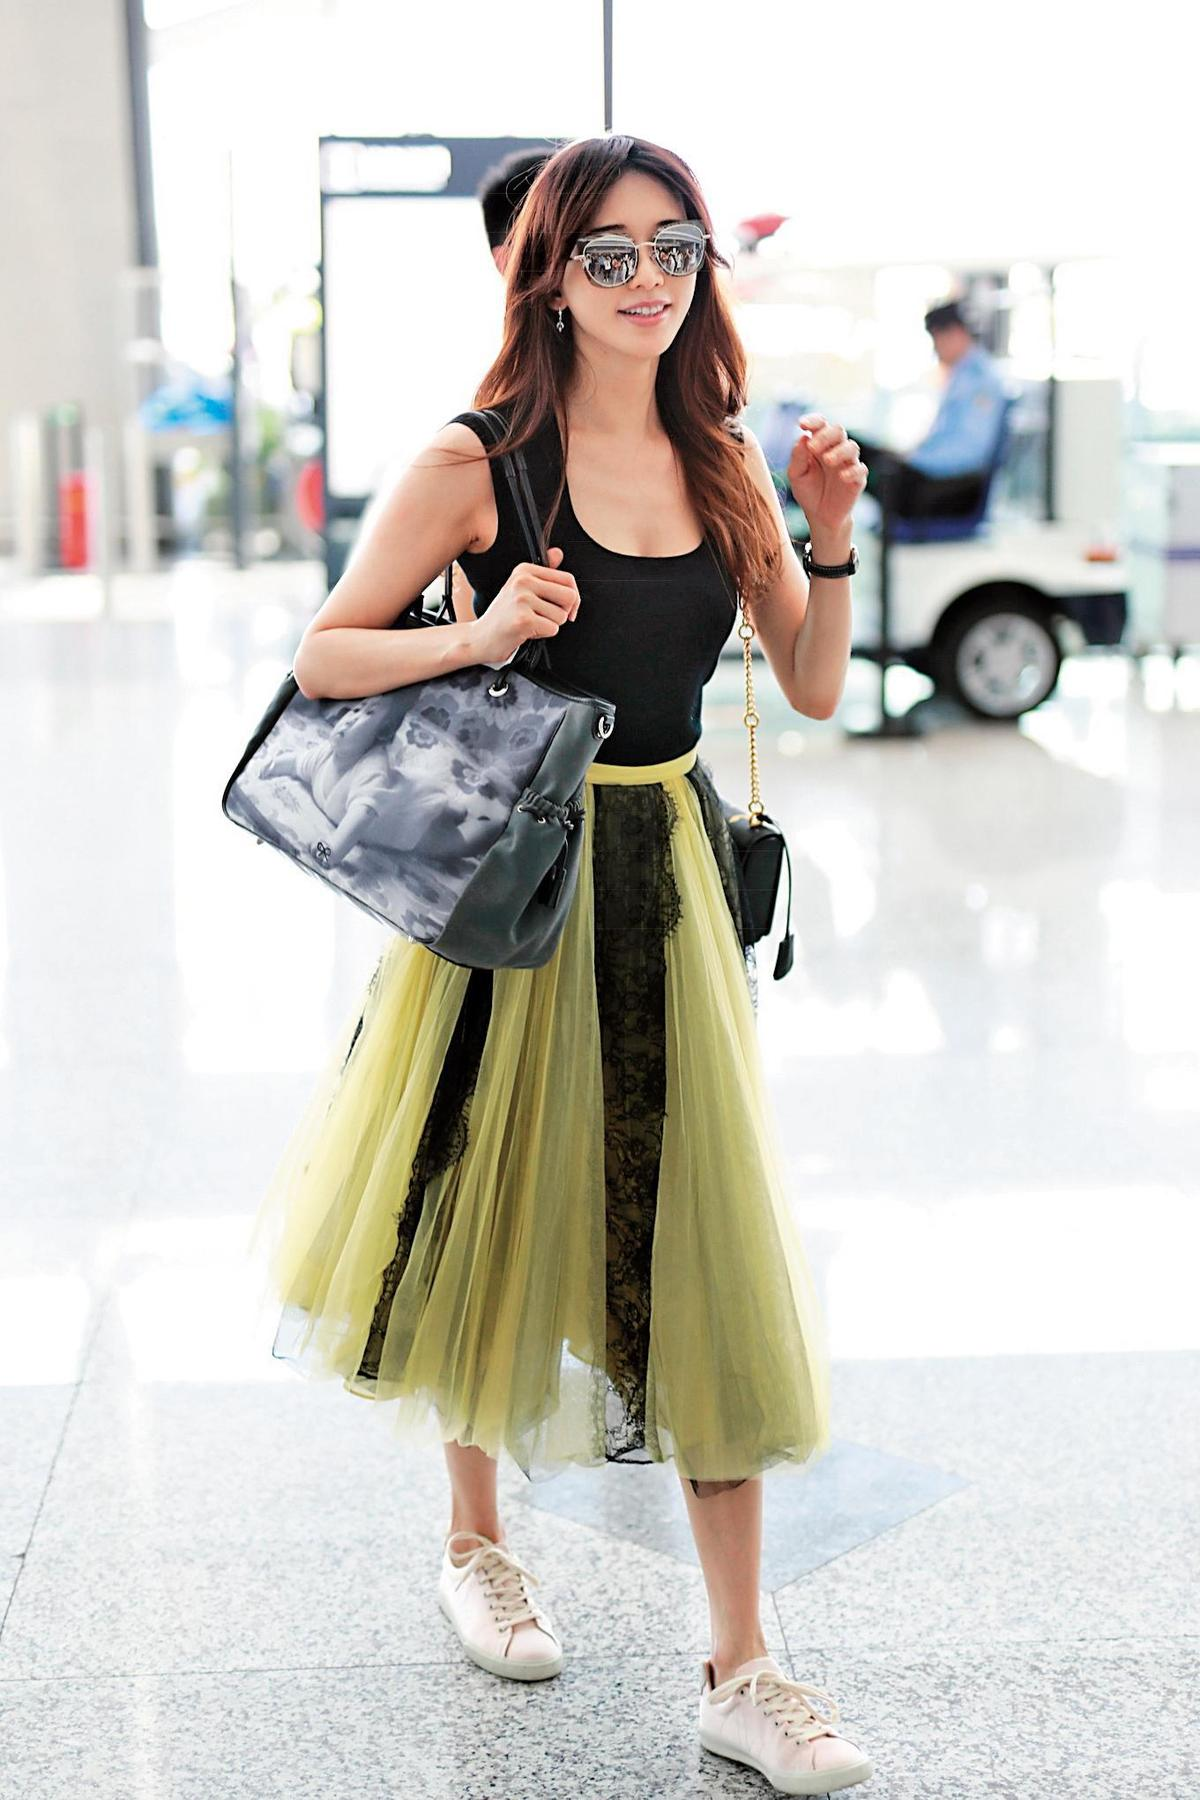 現身上海機場的林志玲,雖已是熟女年齡,不過依然保有名模身材,貼身的黑色背心下是撞色蕾絲紗裙,除了展現優雅女人味,也不忘秀出好身材的妙招。(東方IC)